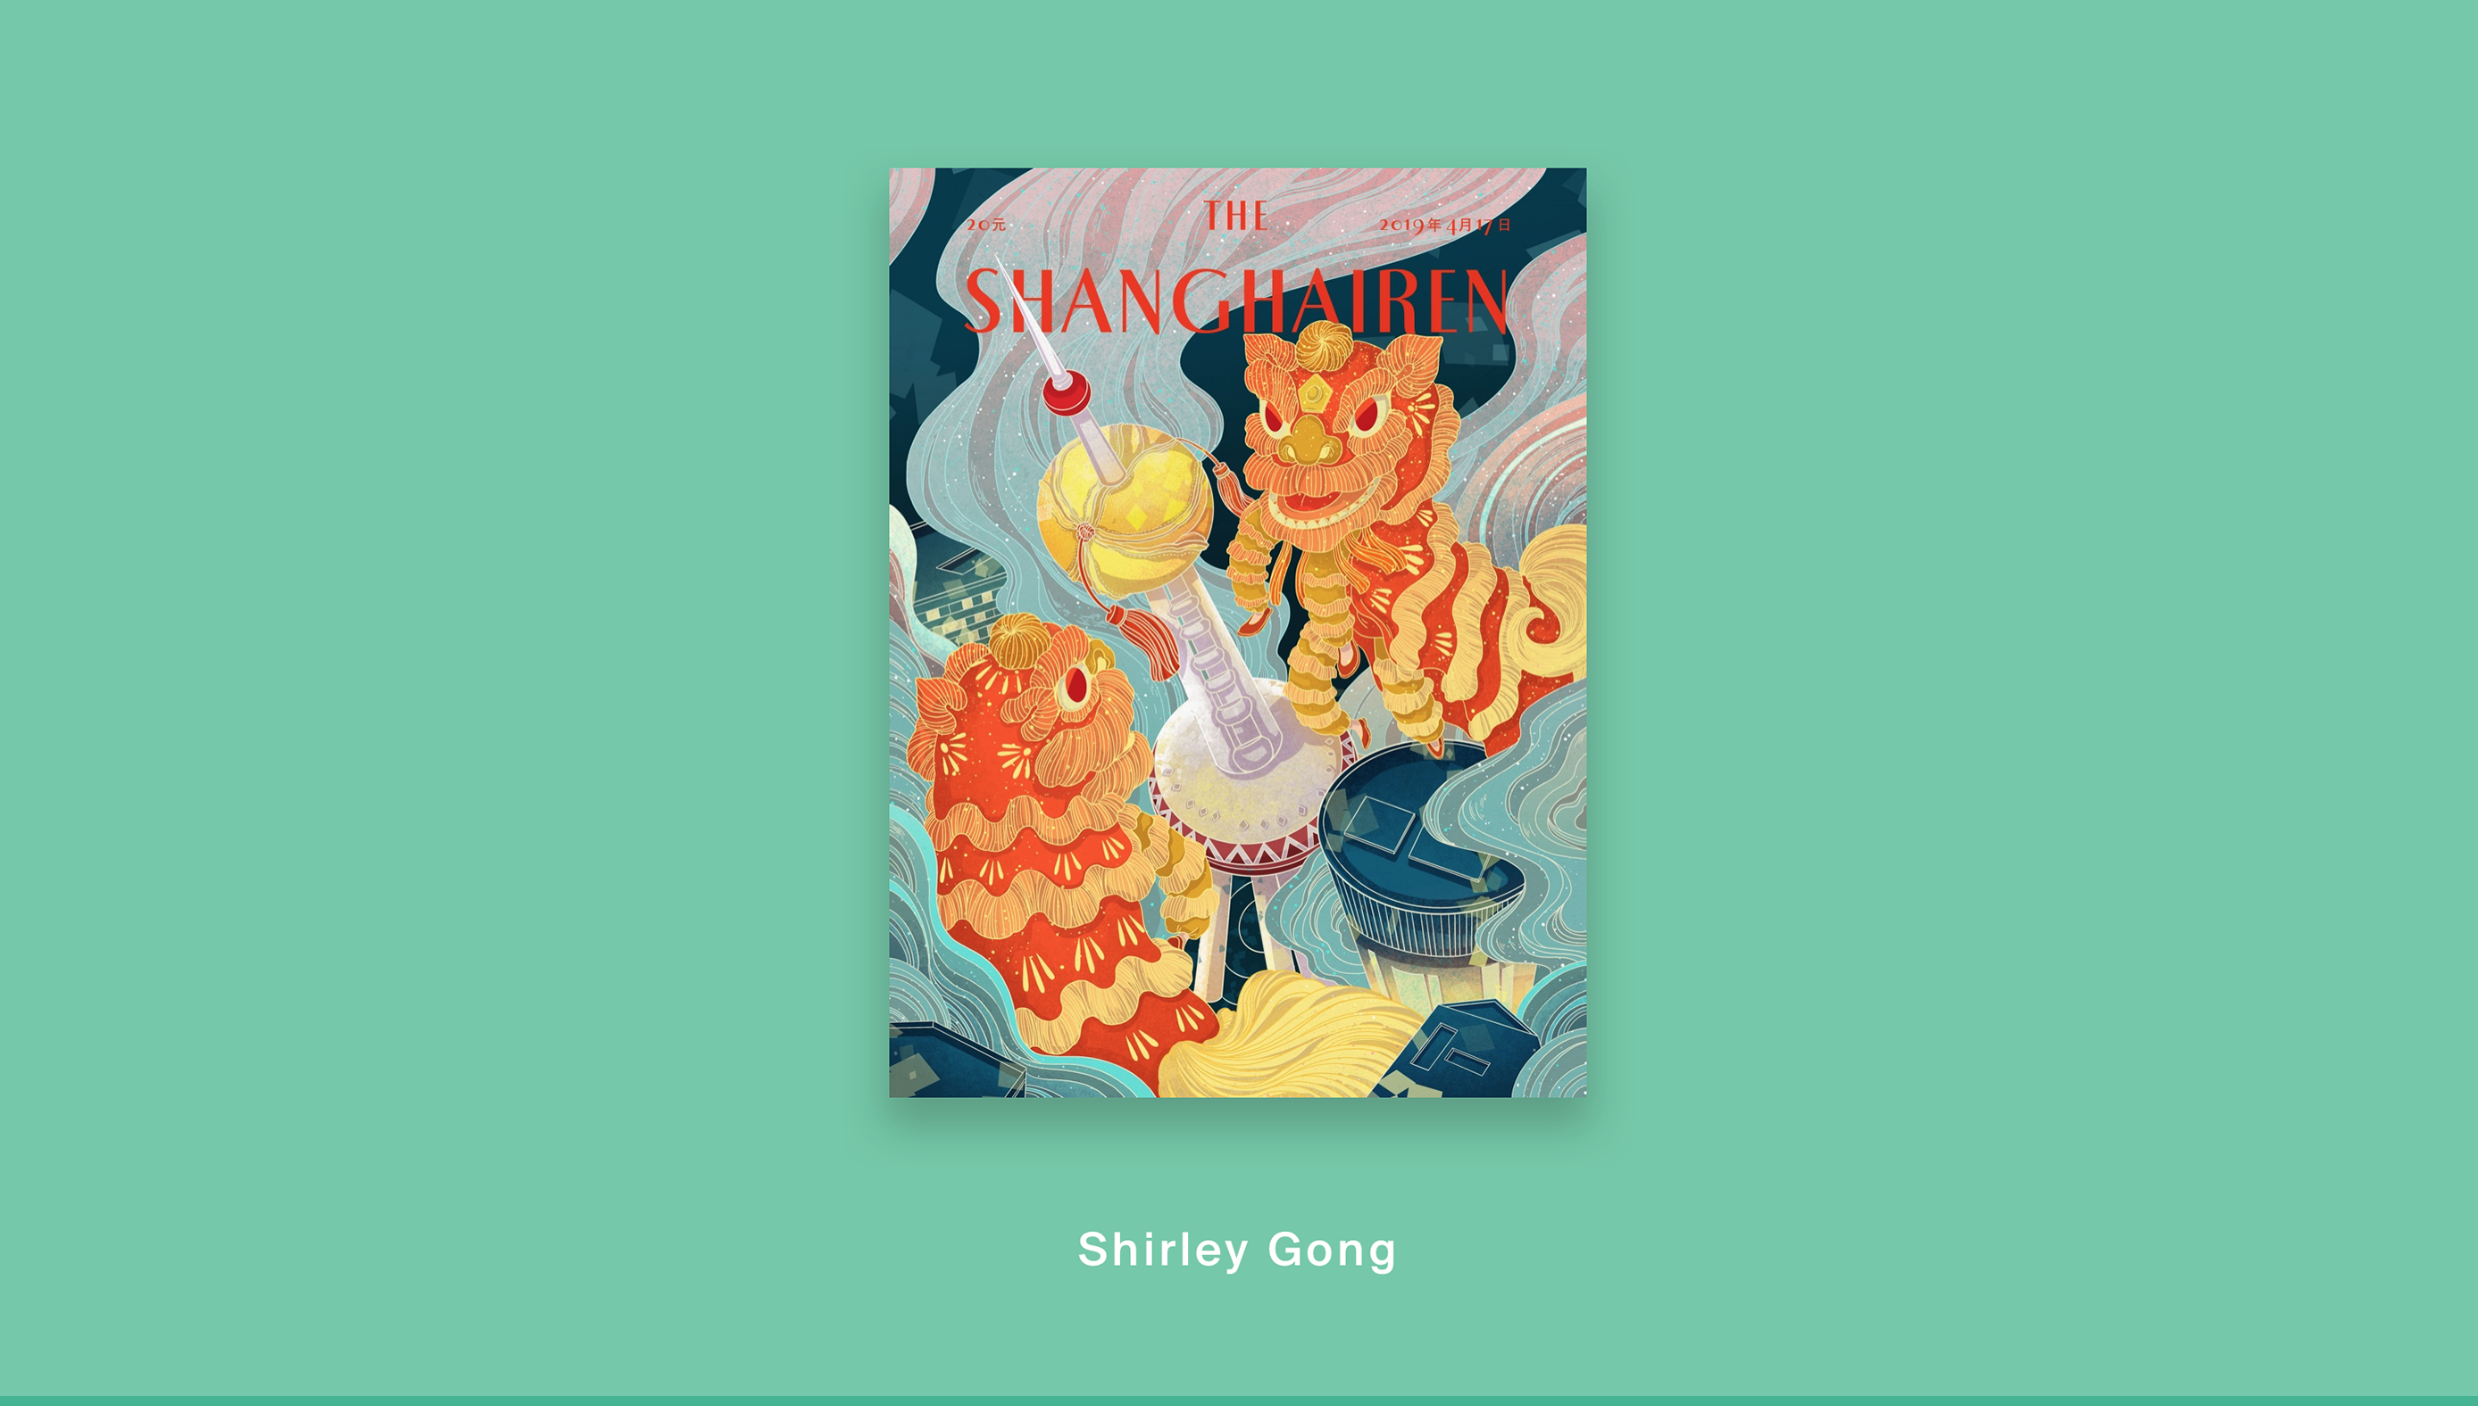 © Shirley Gong